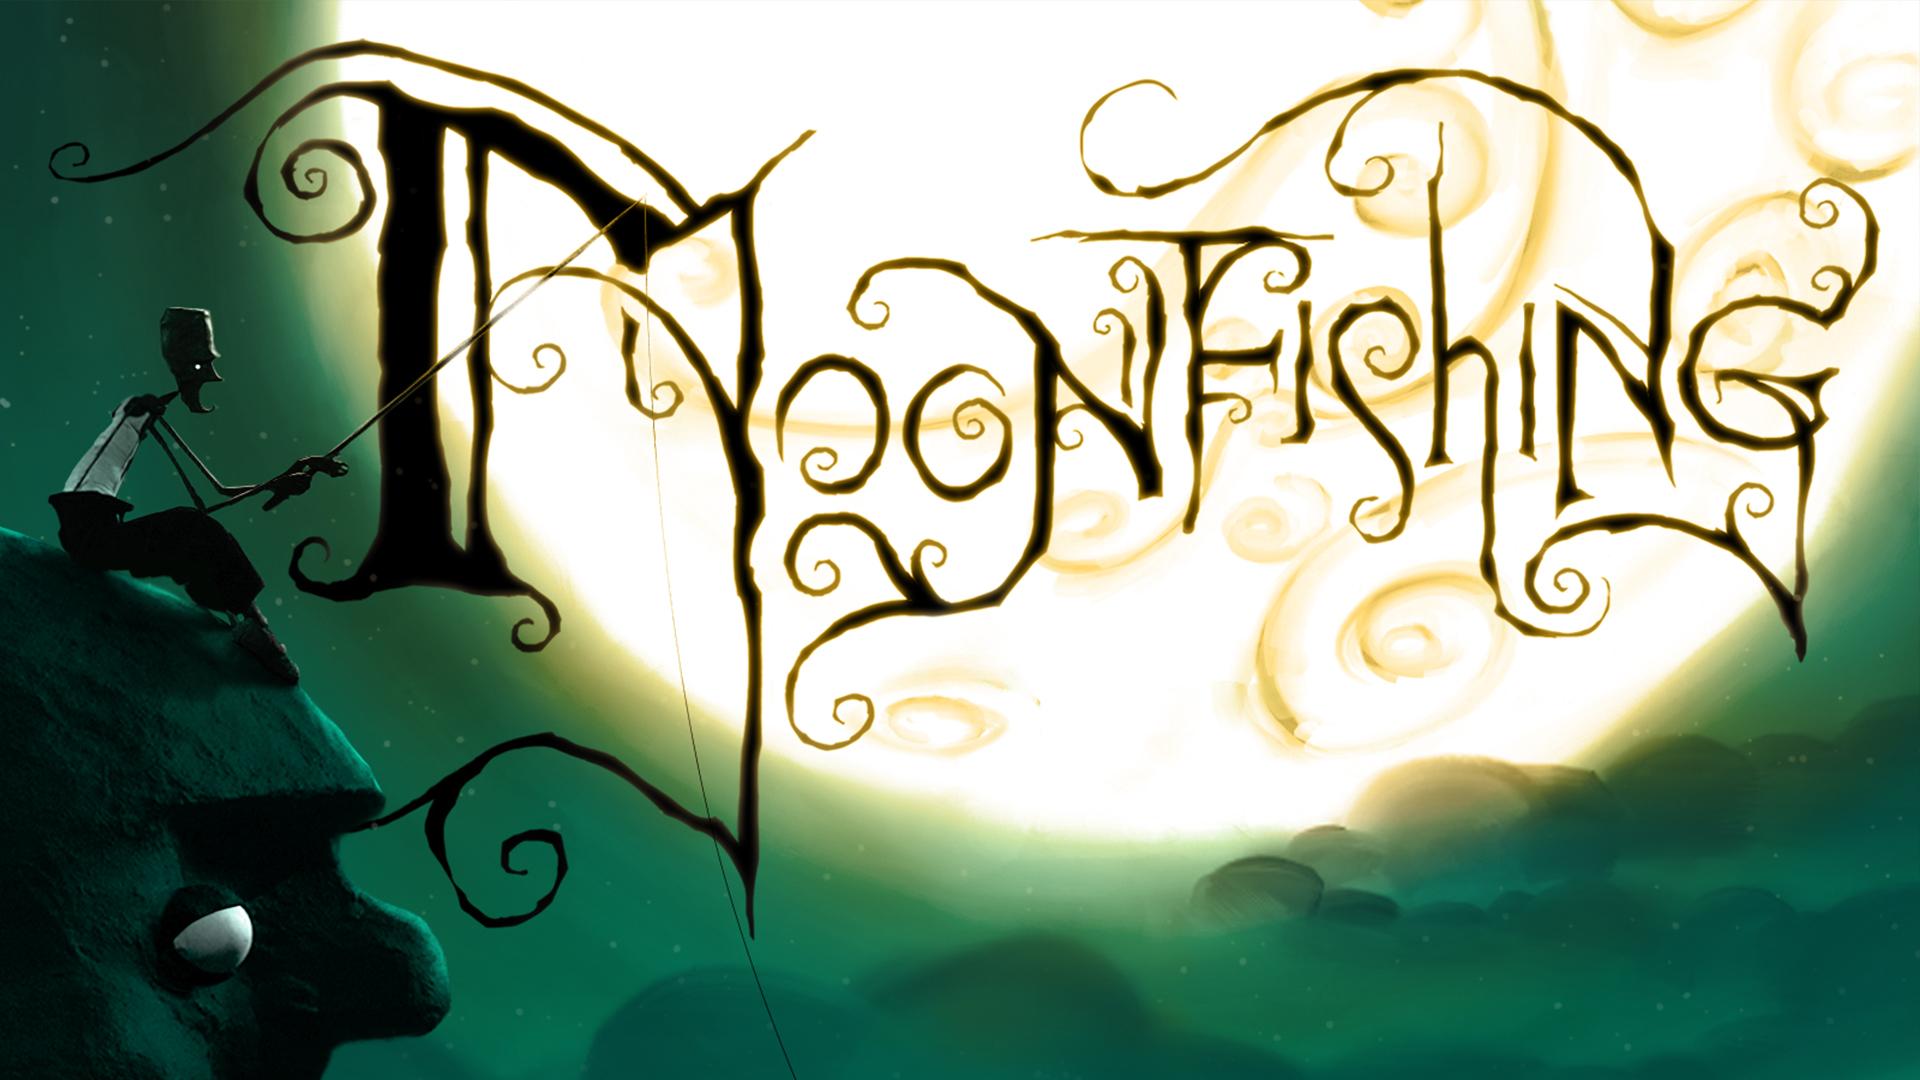 Moonfishing